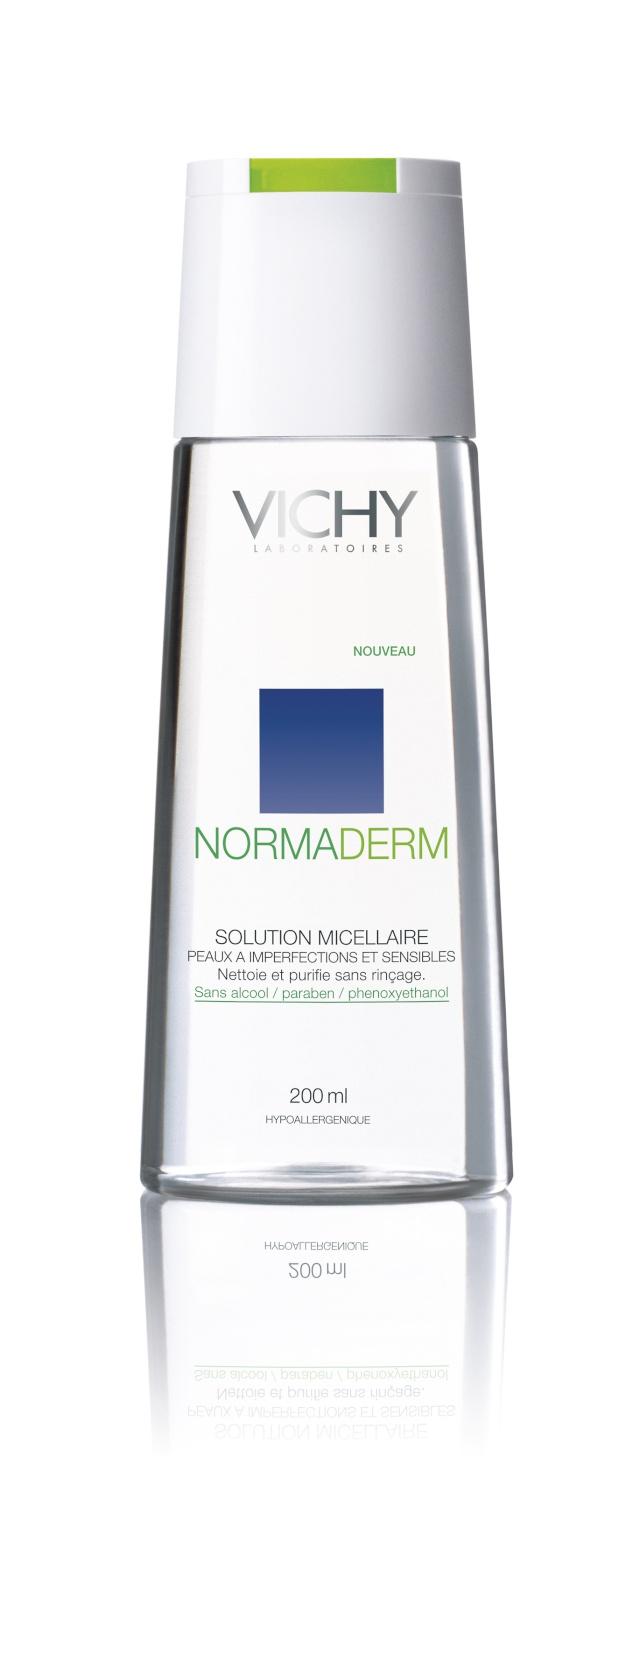 Vichy Normad10